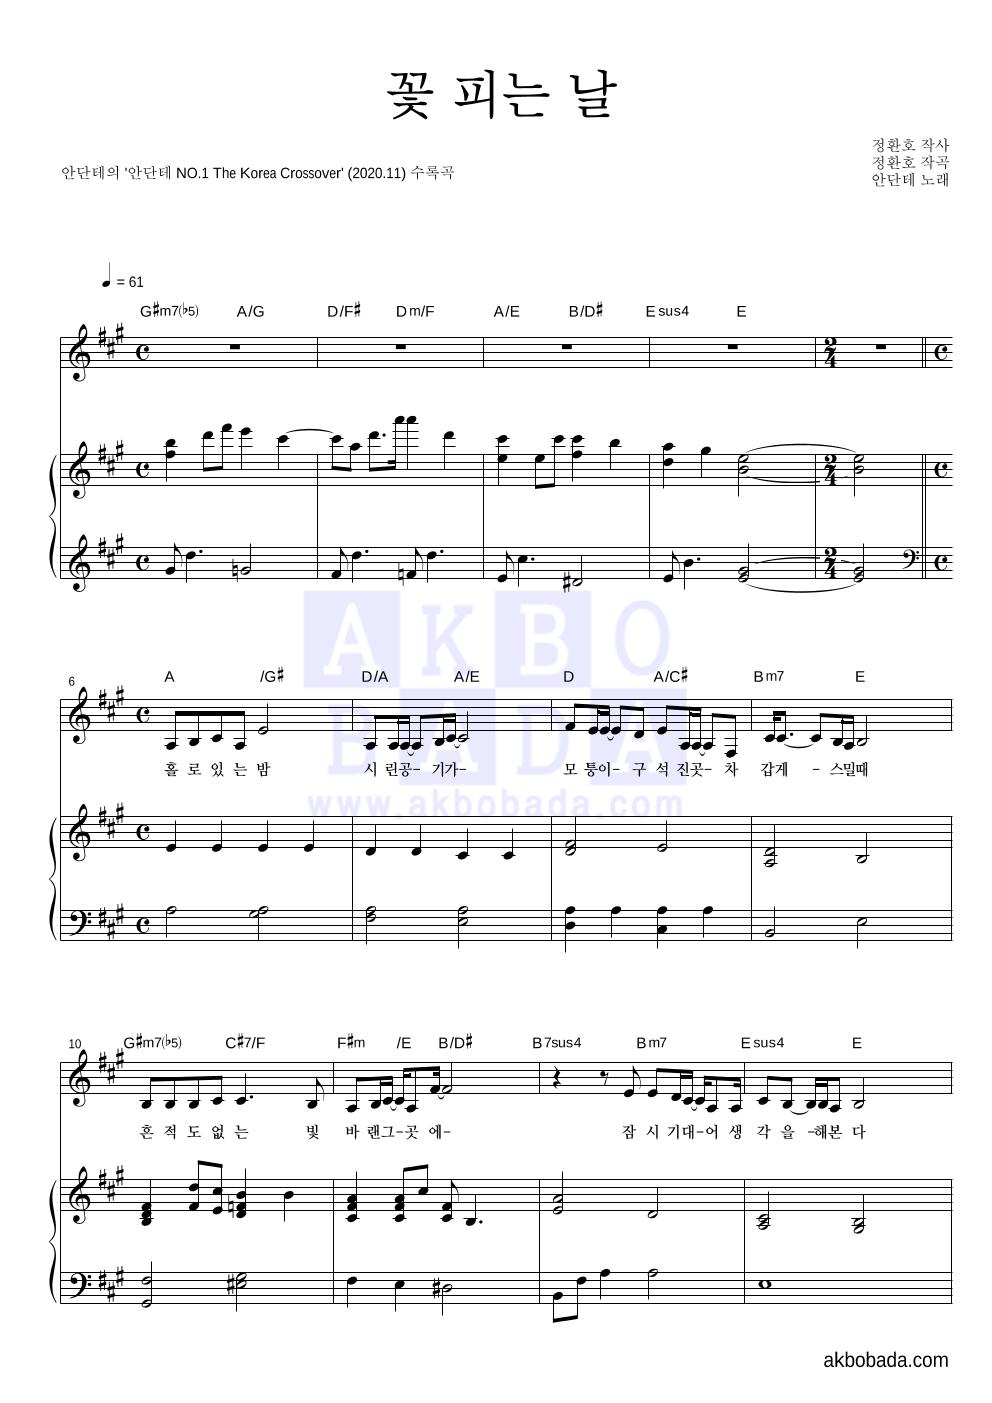 안단테 - 꽃 피는 날 피아노 3단 악보